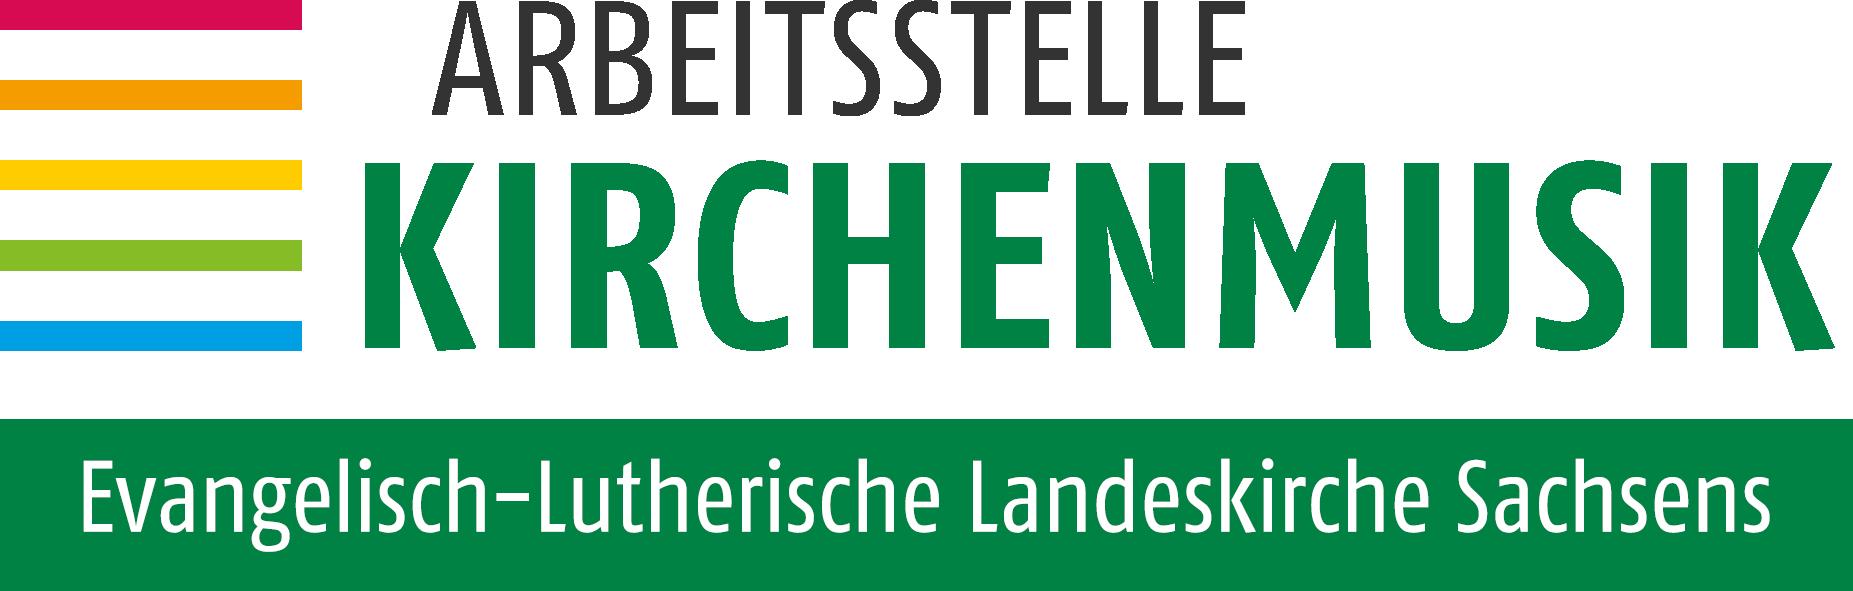 Arbeitsstelle Kirchenmusik der Ev.-Luth. Landeskirche Sachsens